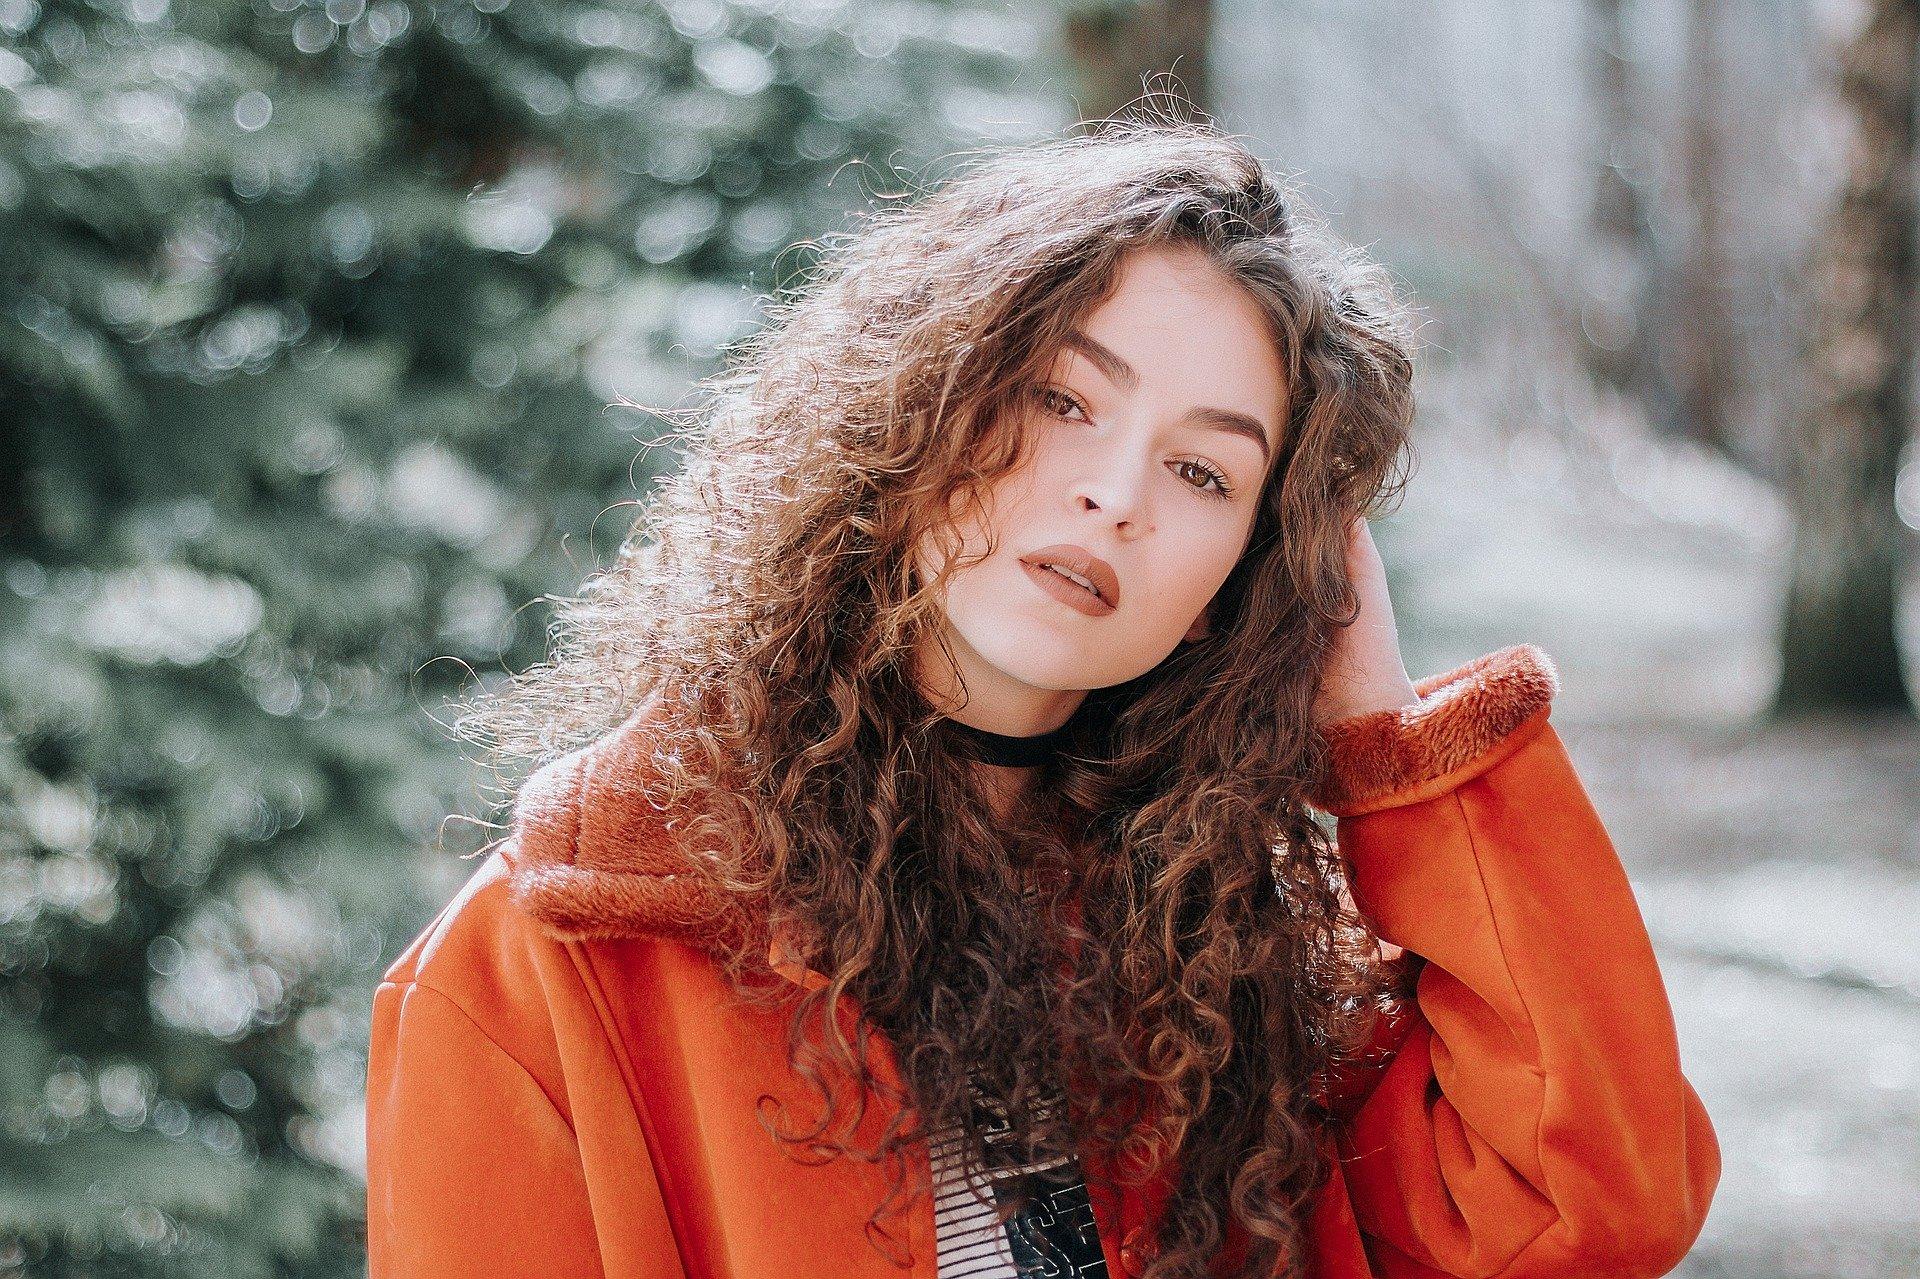 Tendances de la mode hivernale 2019 pour les femmes rondes / Mode grande taille : ces tendances conviennent aux femmes rondes.